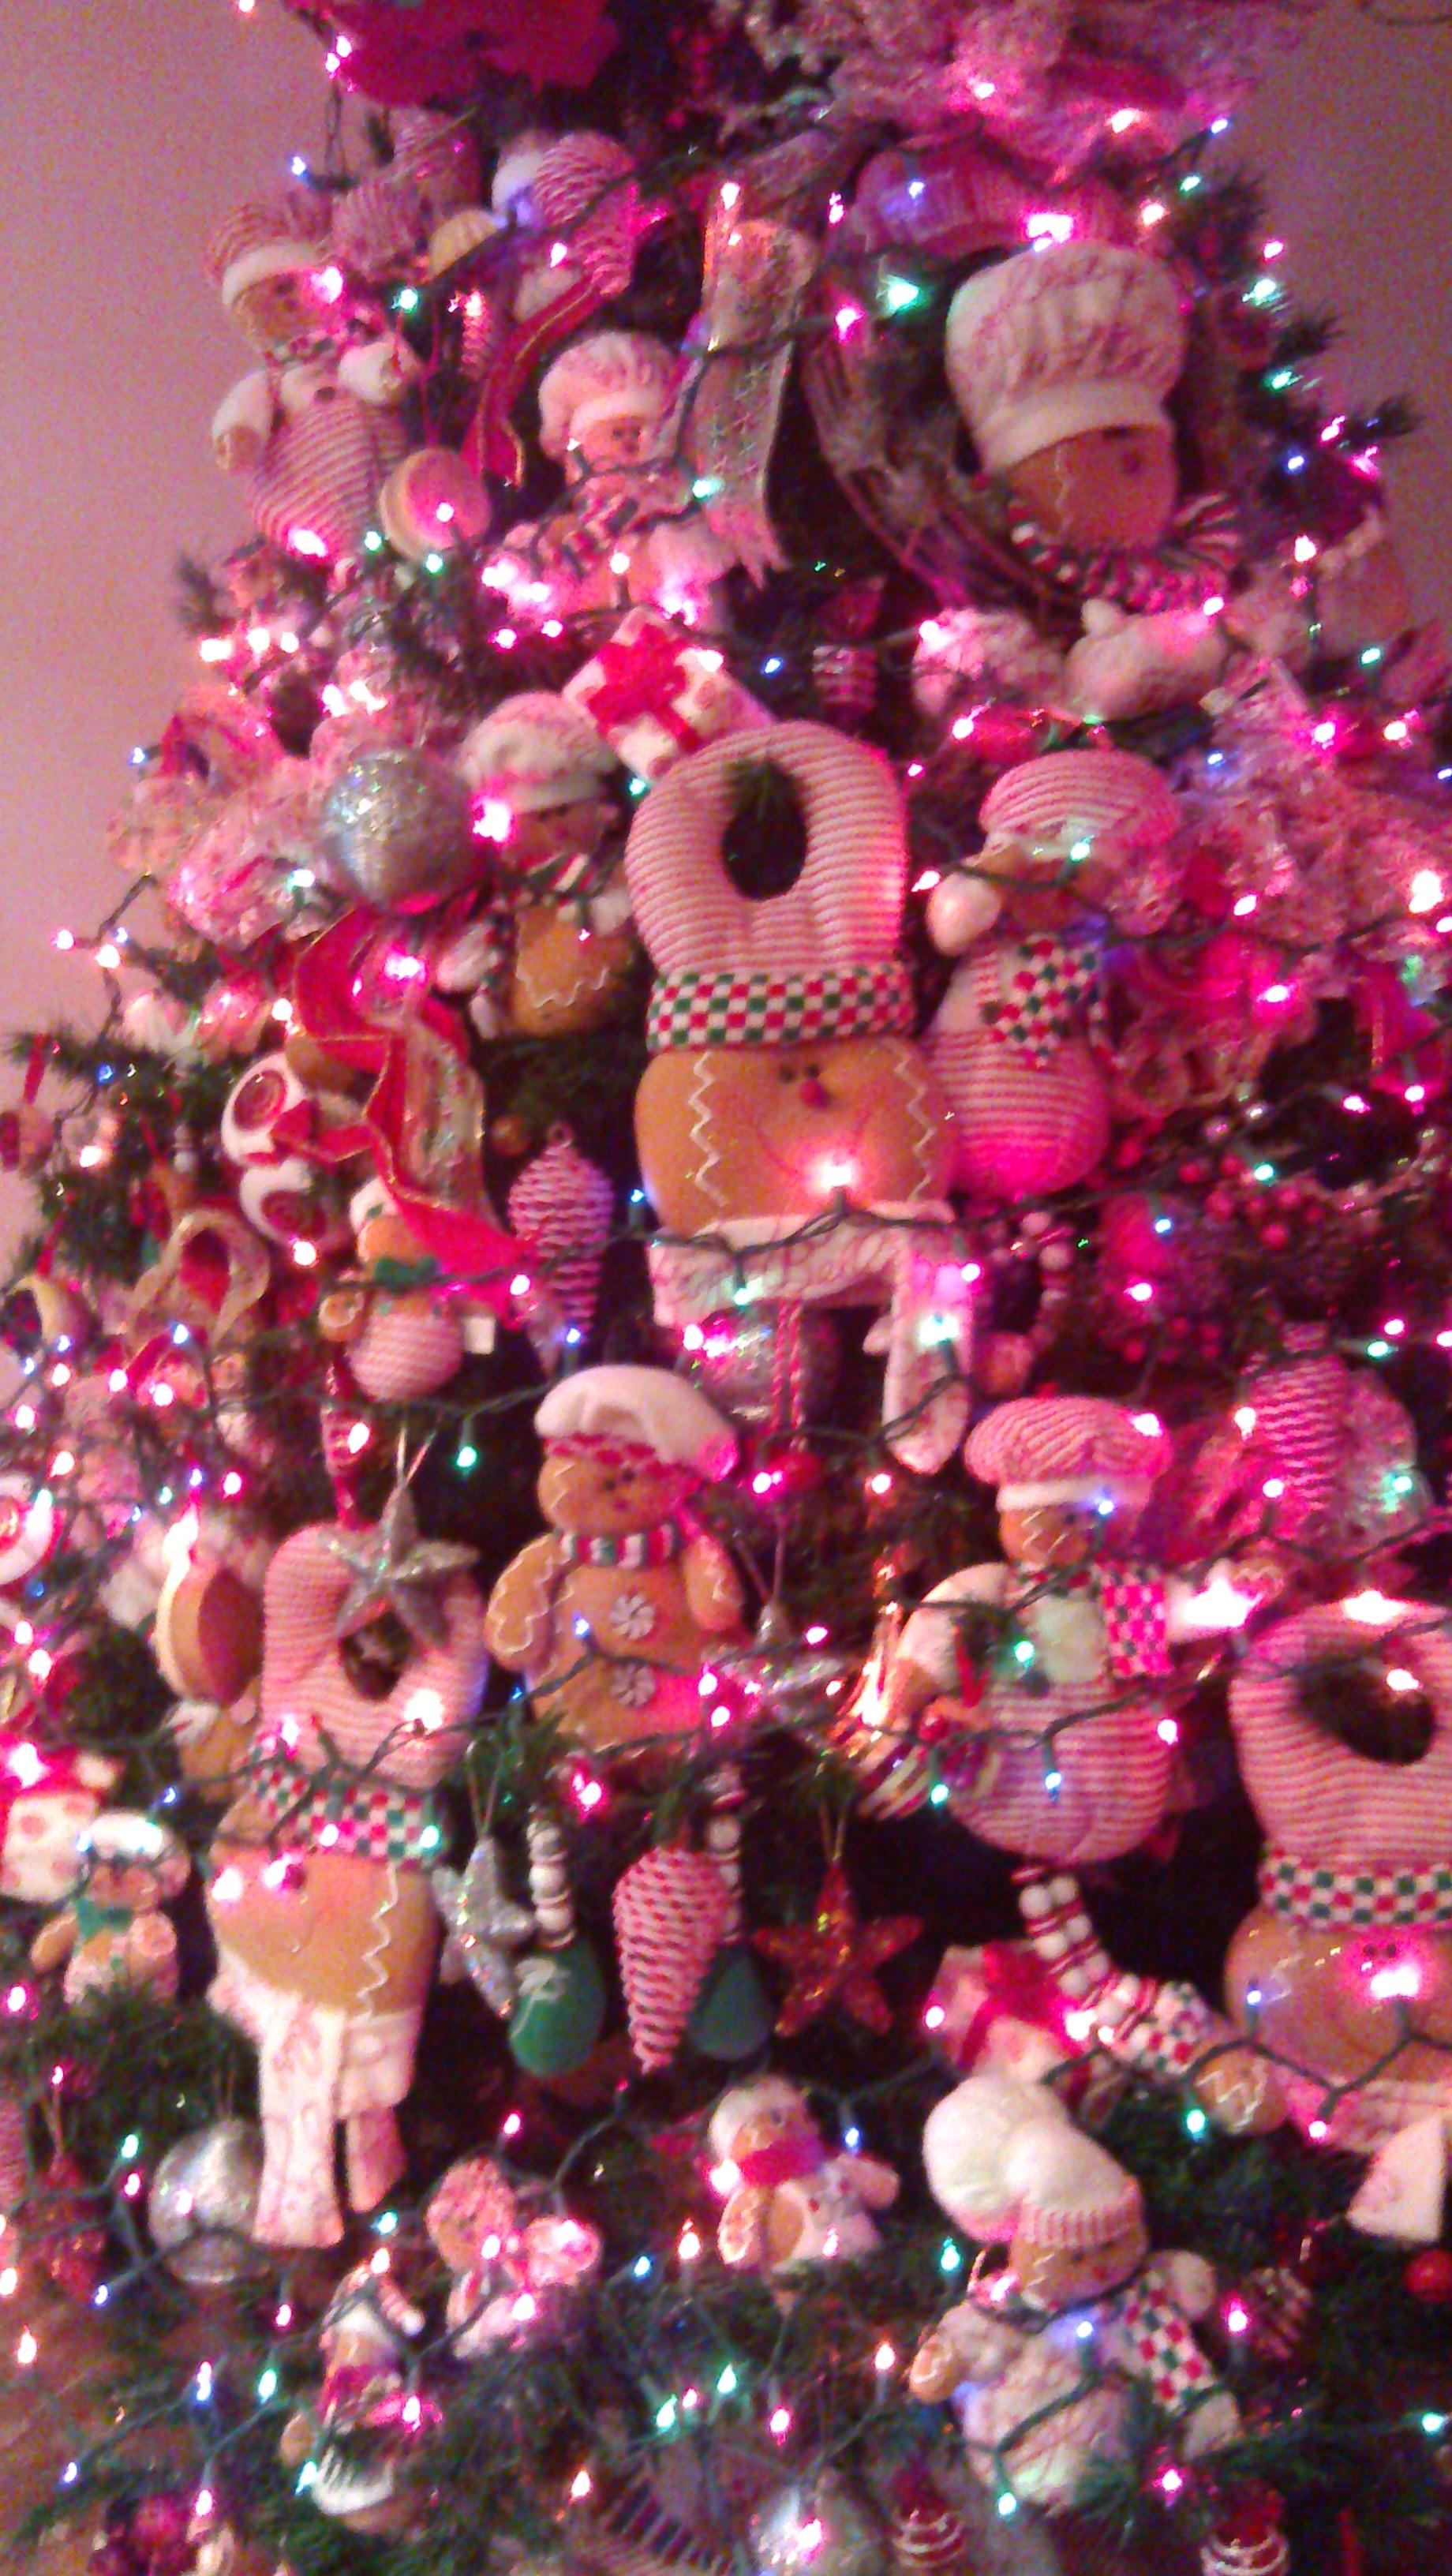 奢侈的圣诞树,都是布艺玩具装饰的.